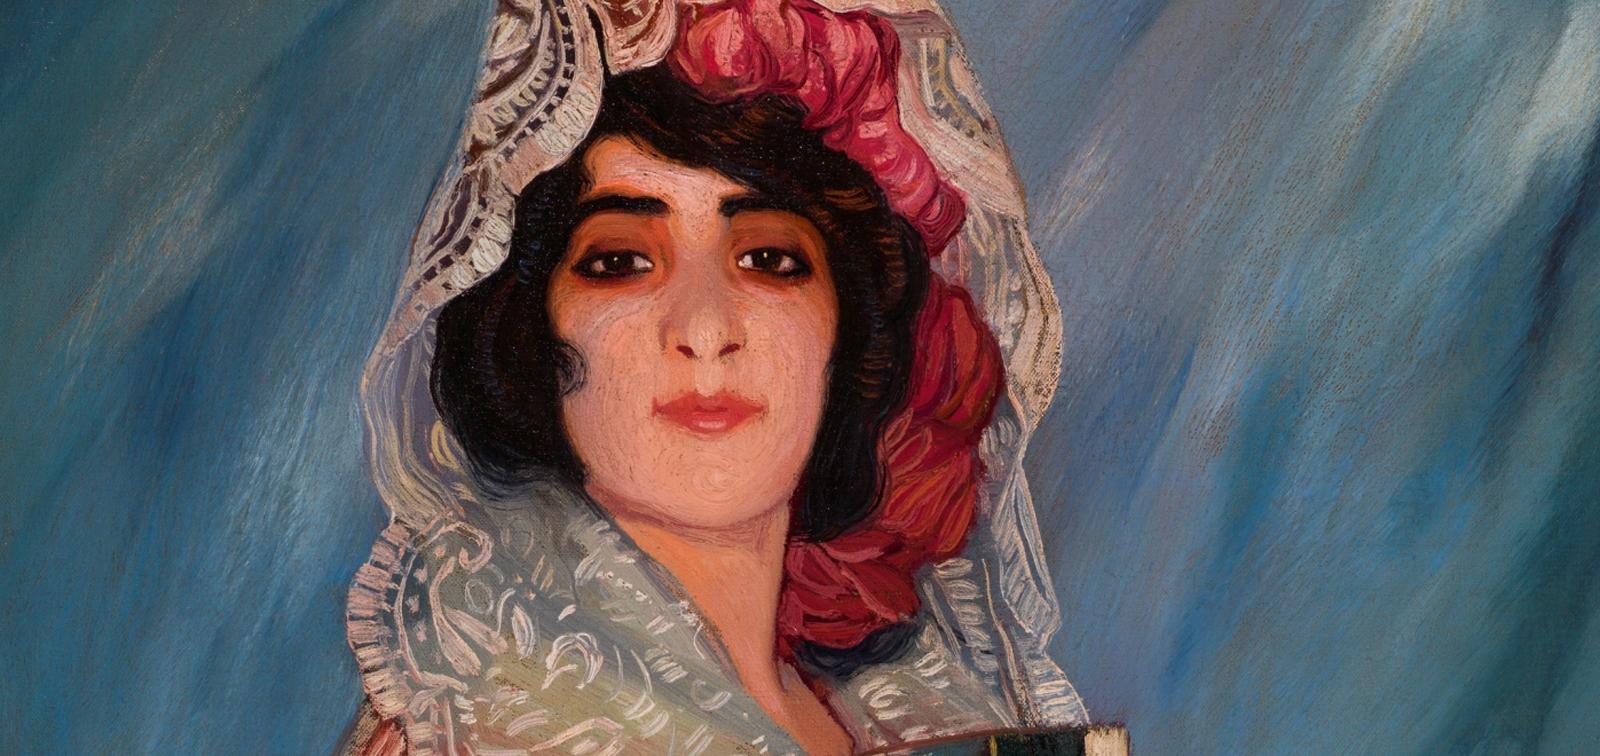 La construcción de la imagen de la mujer en la obra de Ignacio Zuloaga